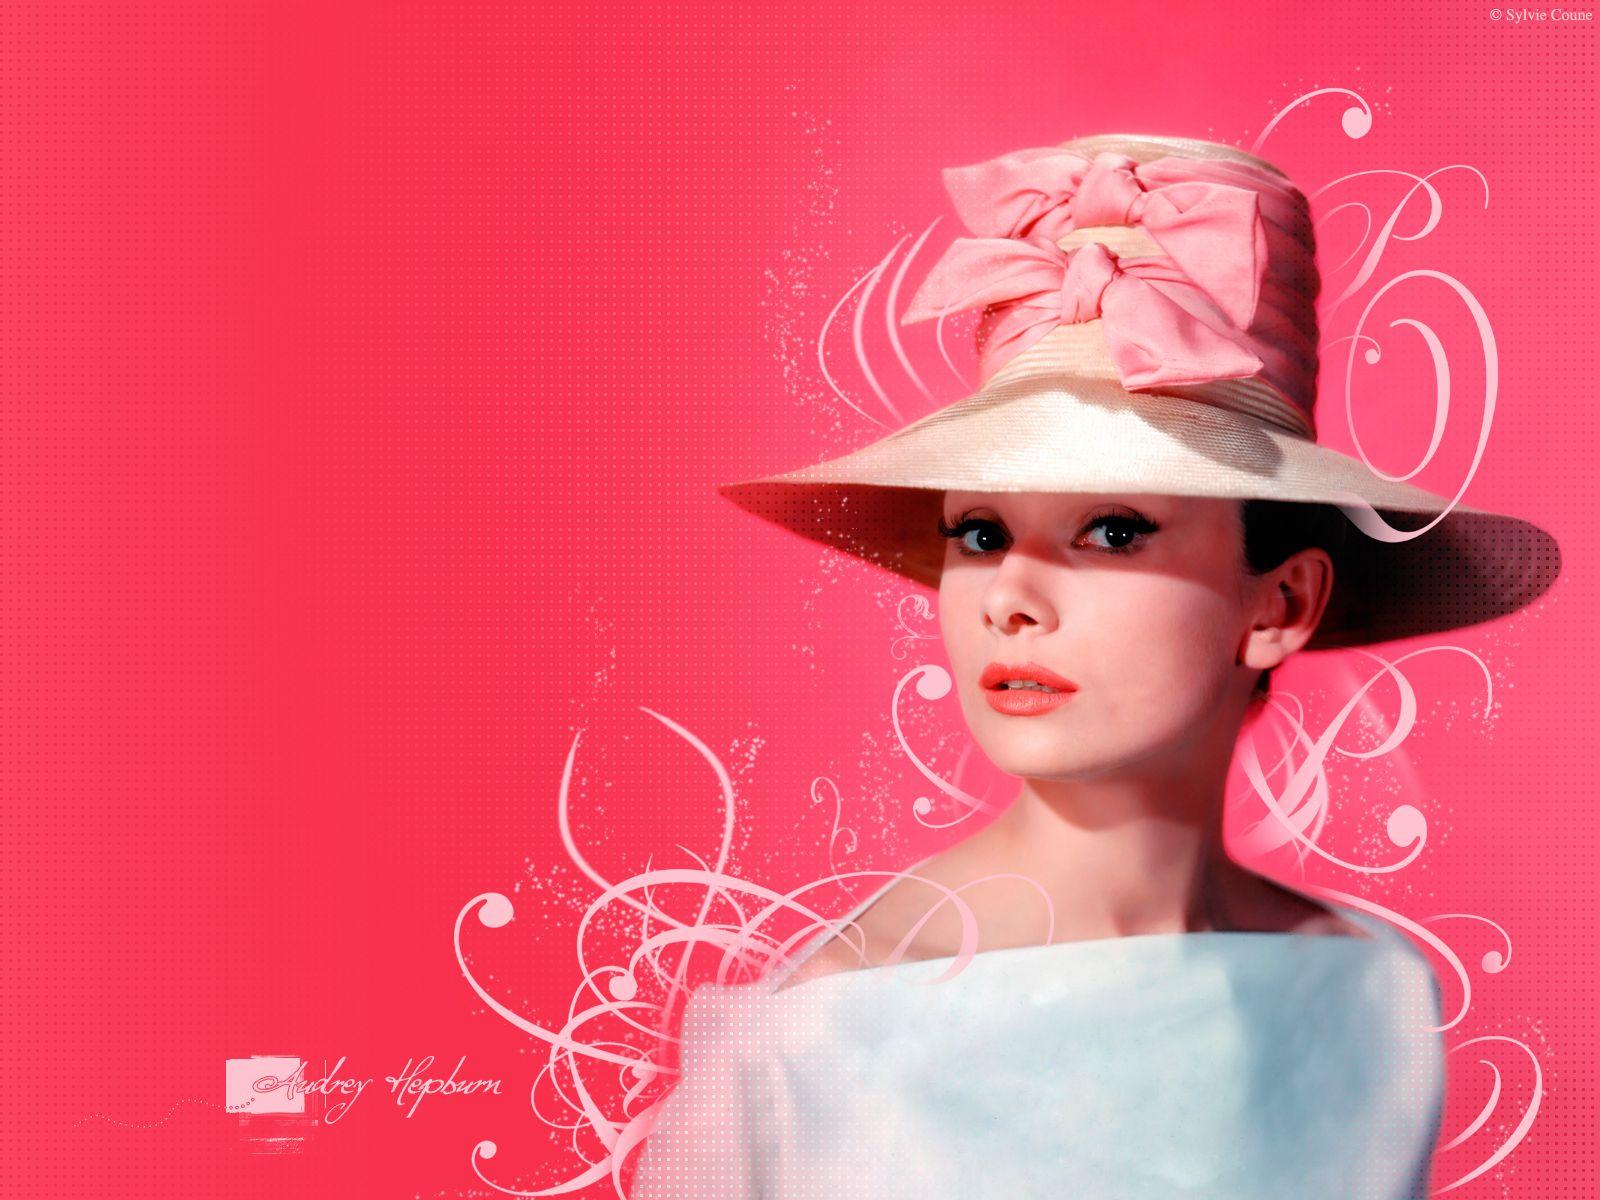 Audrey Hepburn Backgrounds 4K Download 1600x1200